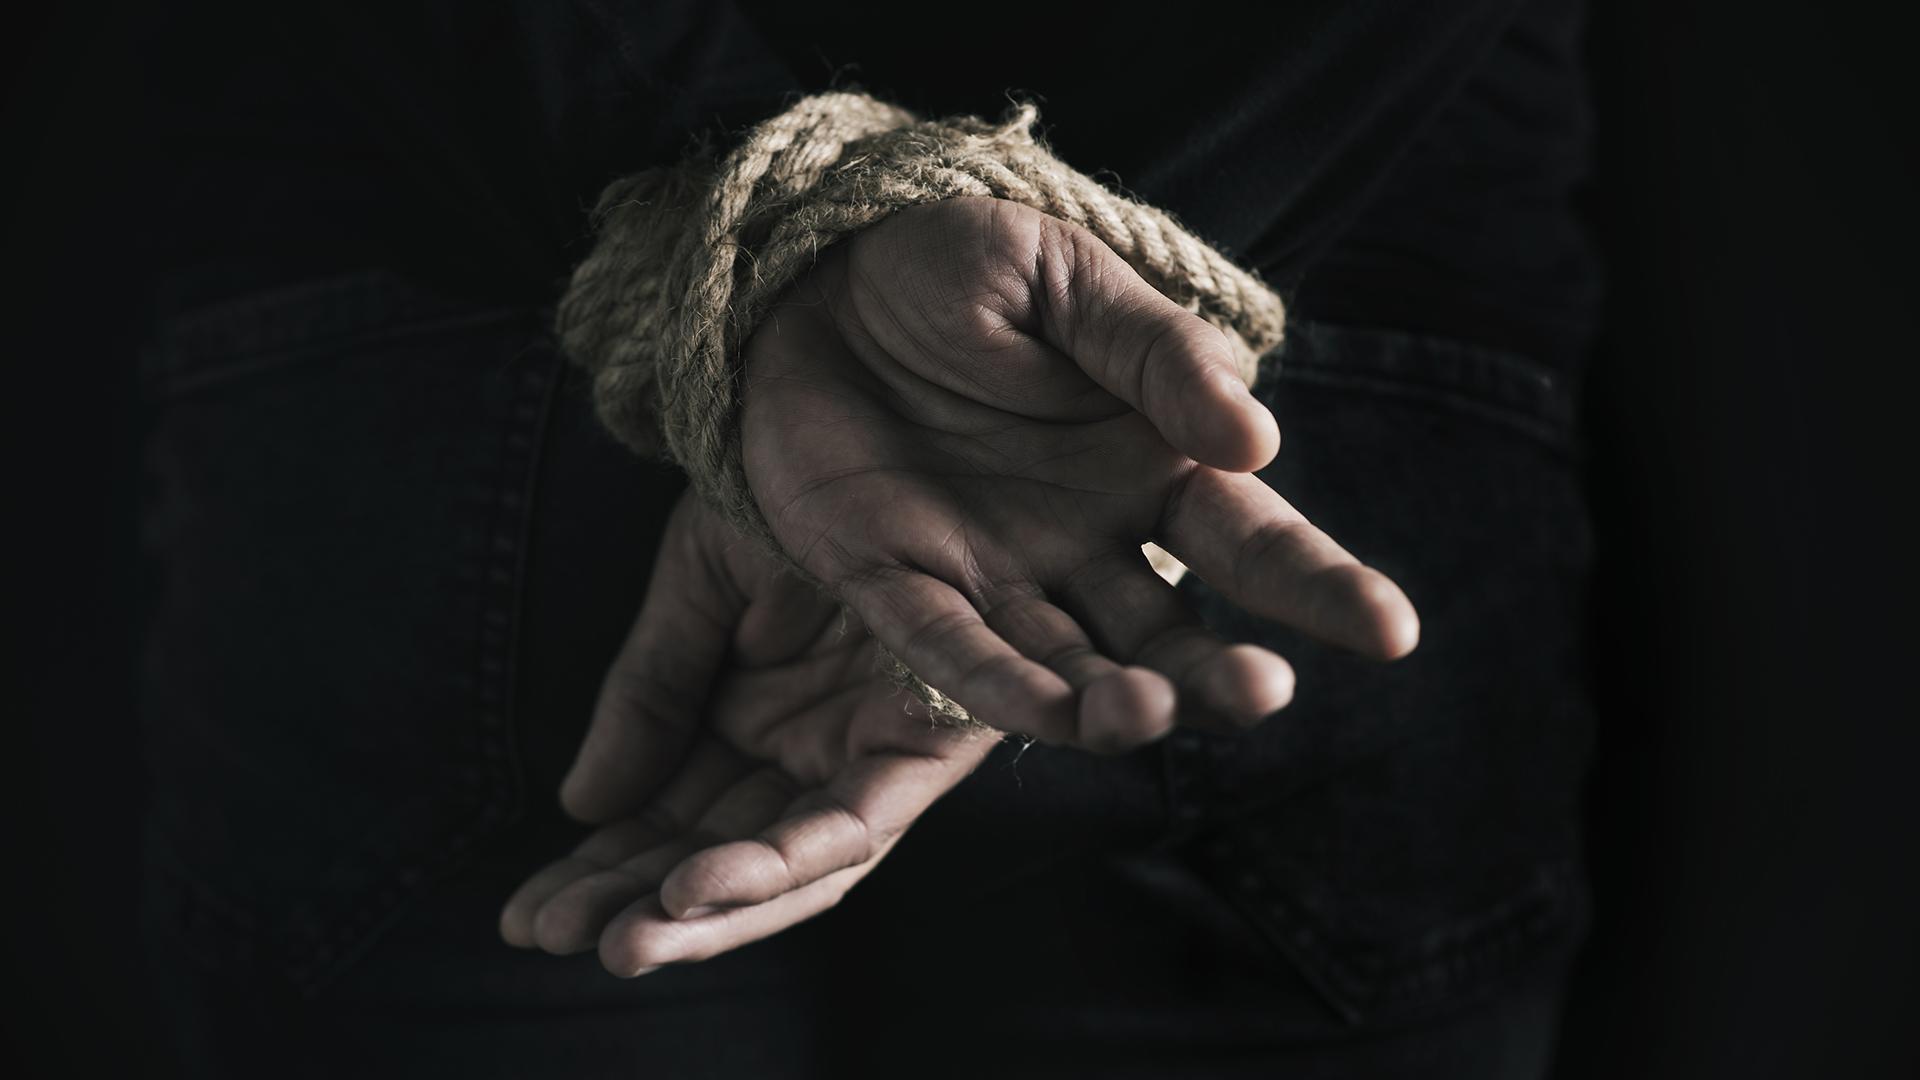 Húszmillió forint váltságdíjat követletek egy elrabolt vállalkozóért